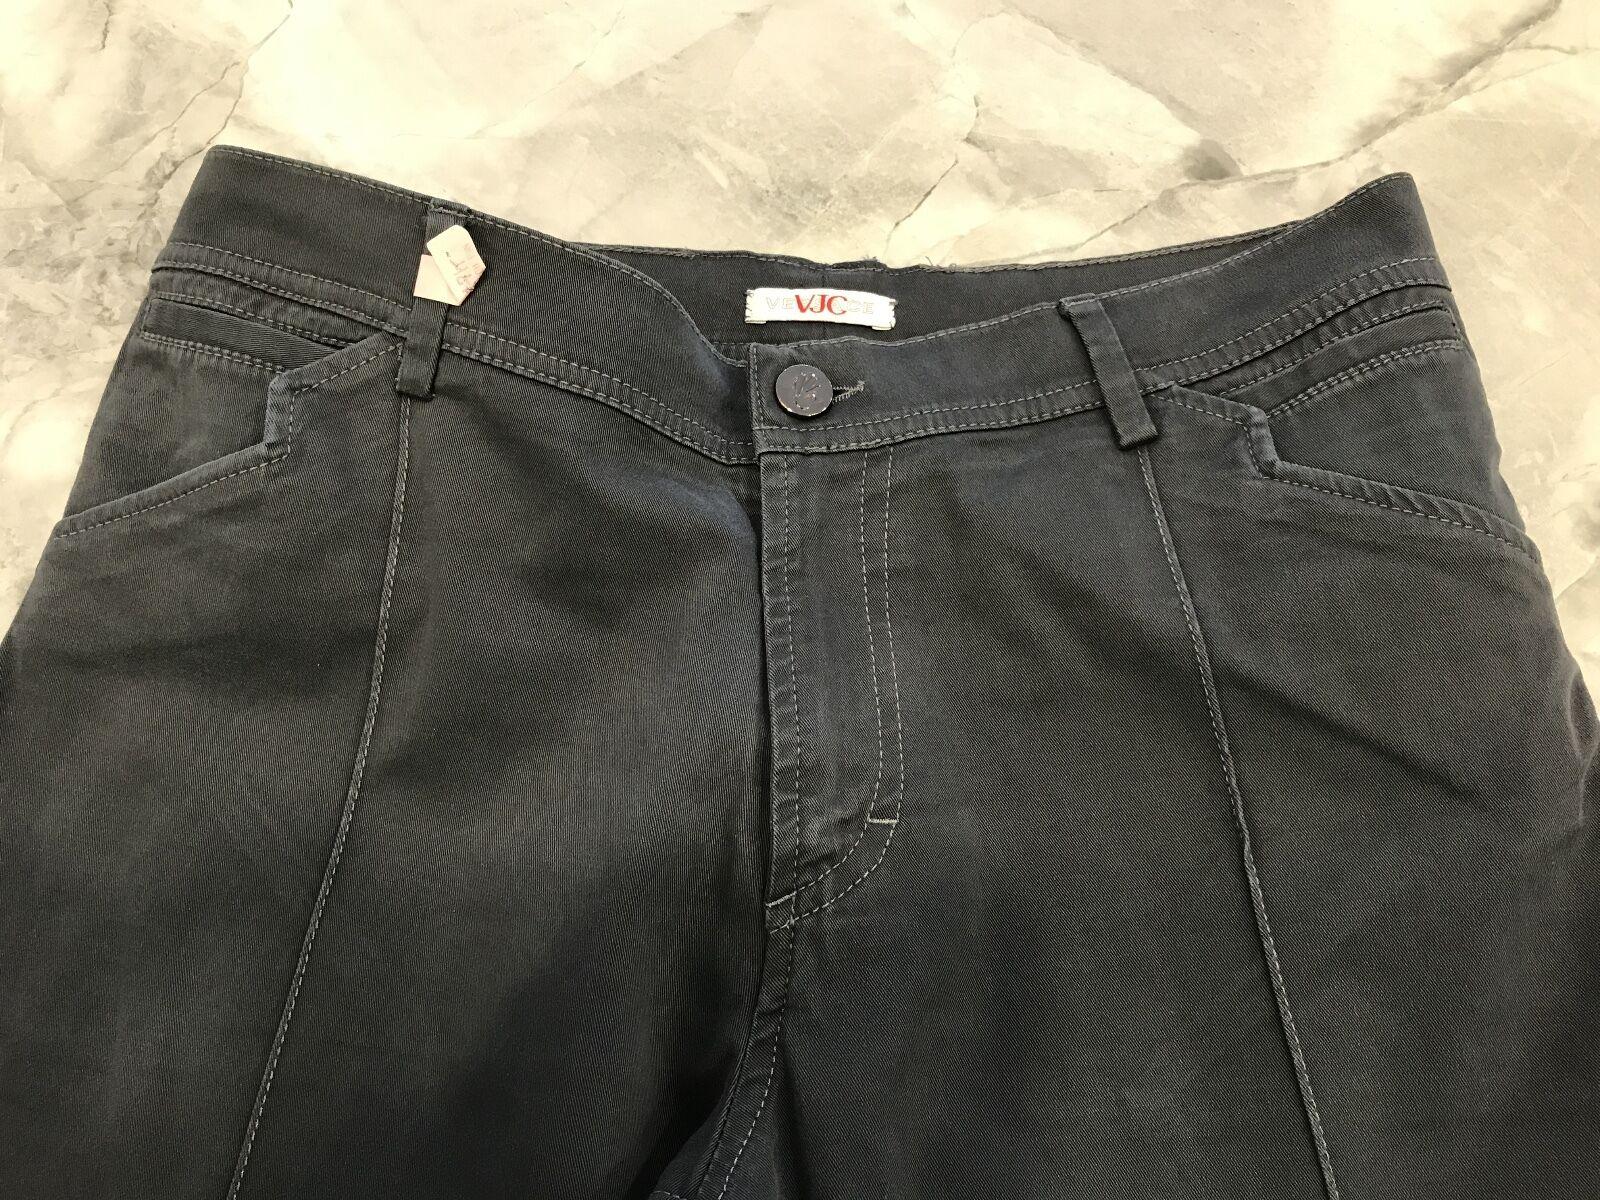 Versace Men's Pants Grey 34 48 100% Authentic